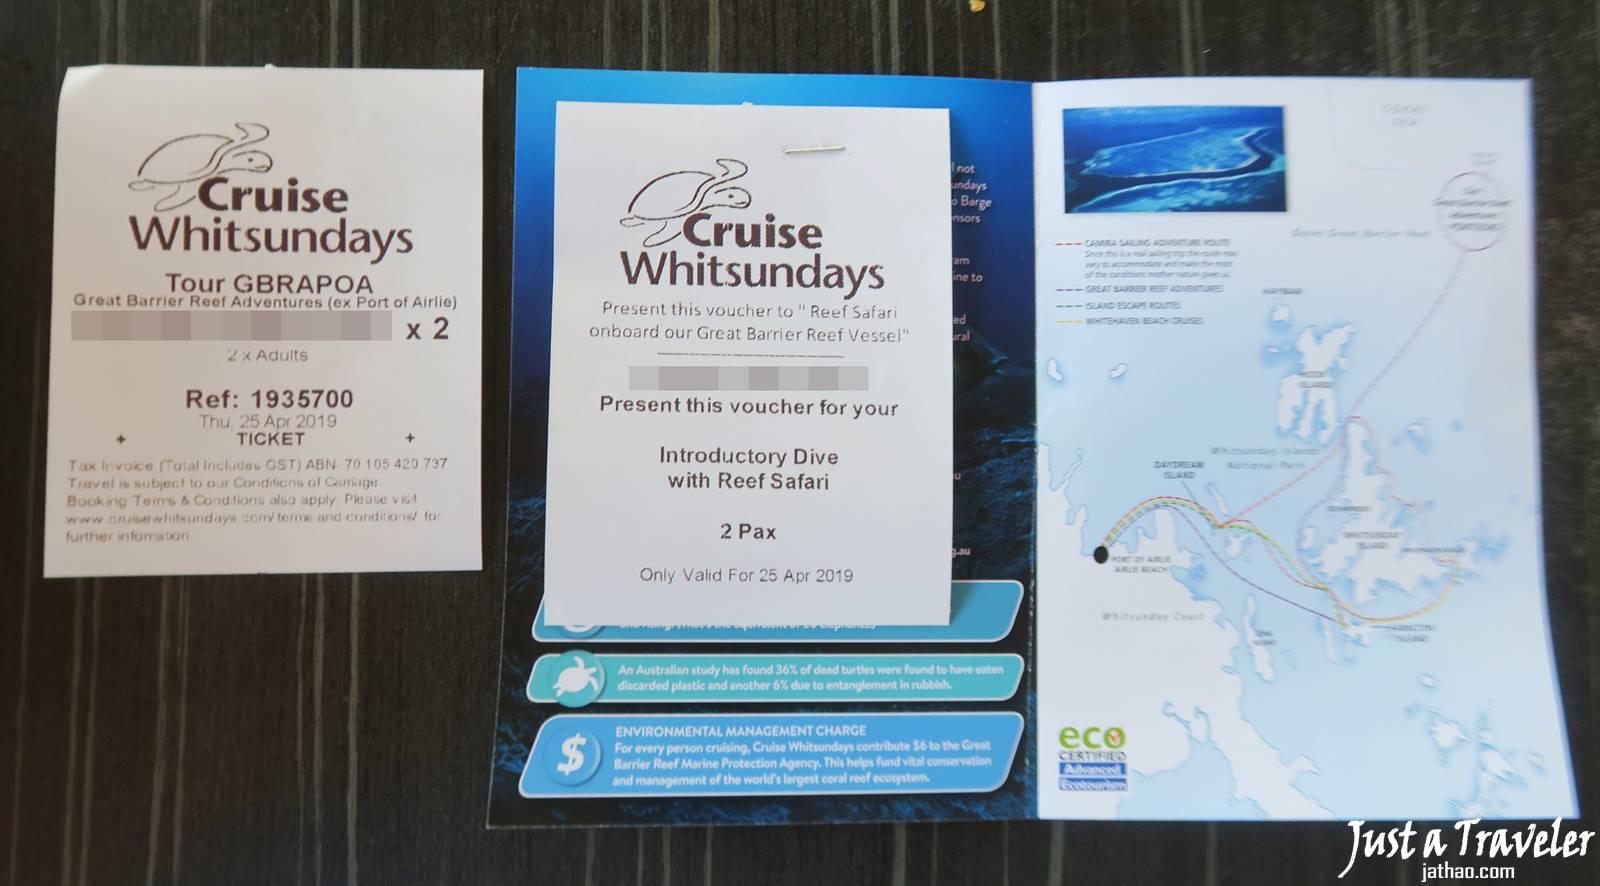 聖靈群島-景點-推薦-大堡礁-交通-渡輪-船票-浮潛-潛水-行程-玩水-一日遊-遊記-攻略-自由行-旅遊-澳洲-Whitsundays-Great-Barrier-Reef